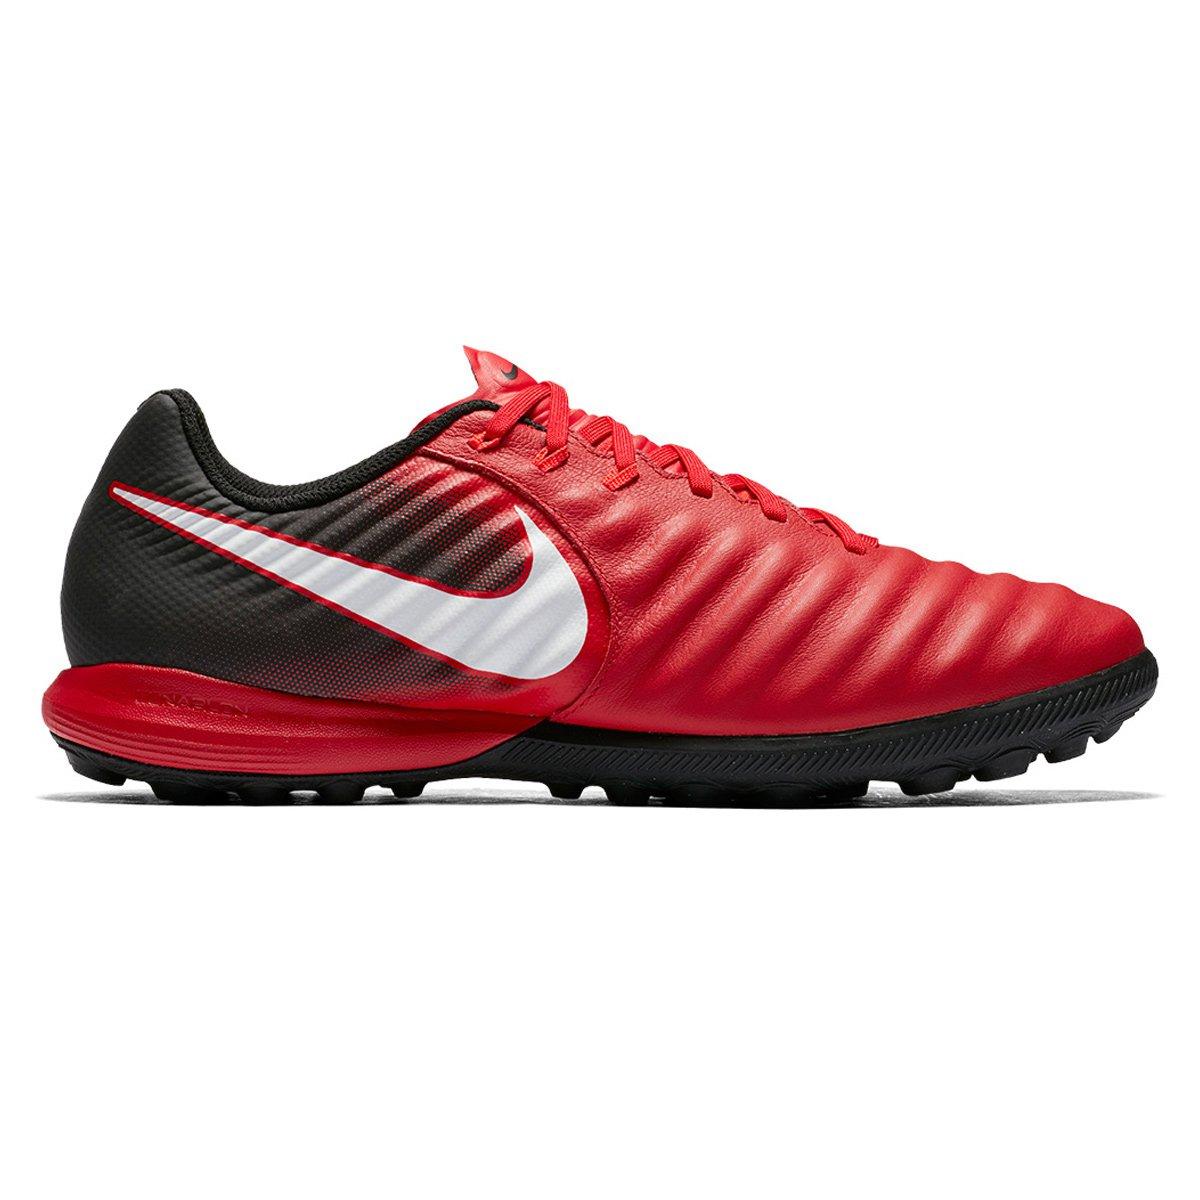 8417520d988 Chuteira Society Nike Tiempo Finale TF - Vermelho e Branco - Compre Agora